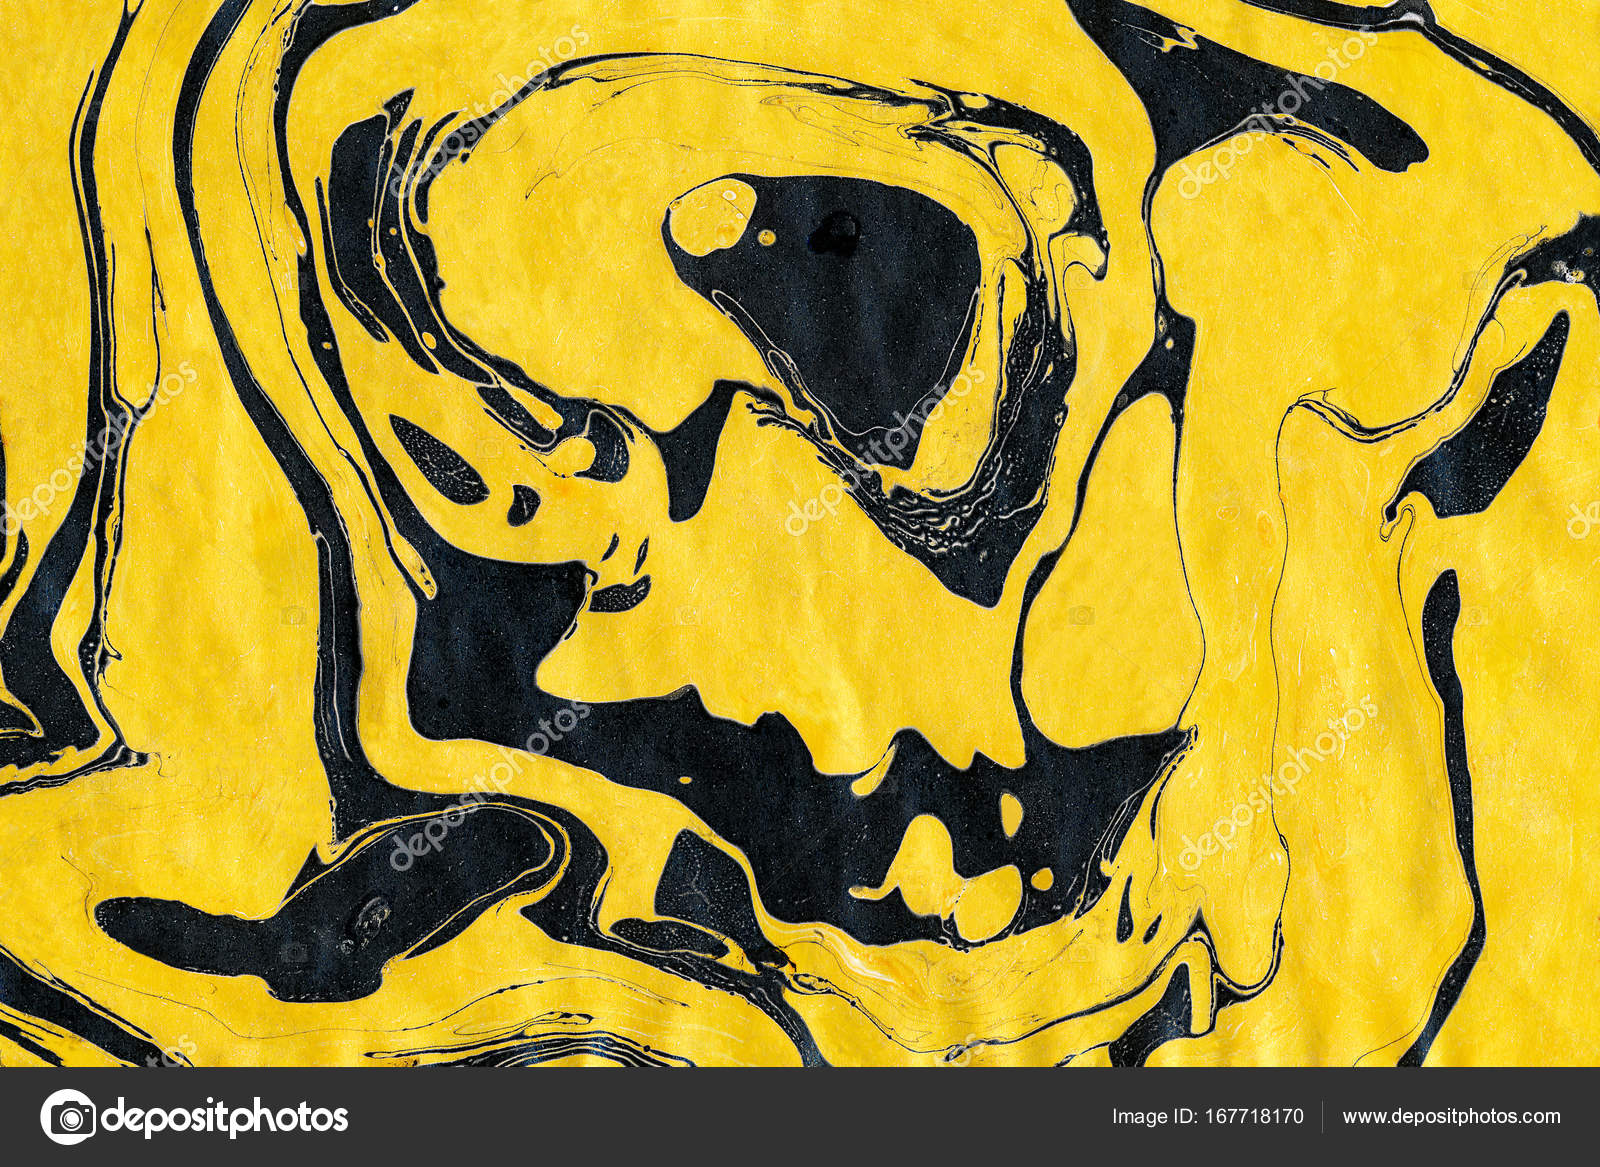 Fondo: Fondos De Pantalla Amarillo Y Negro